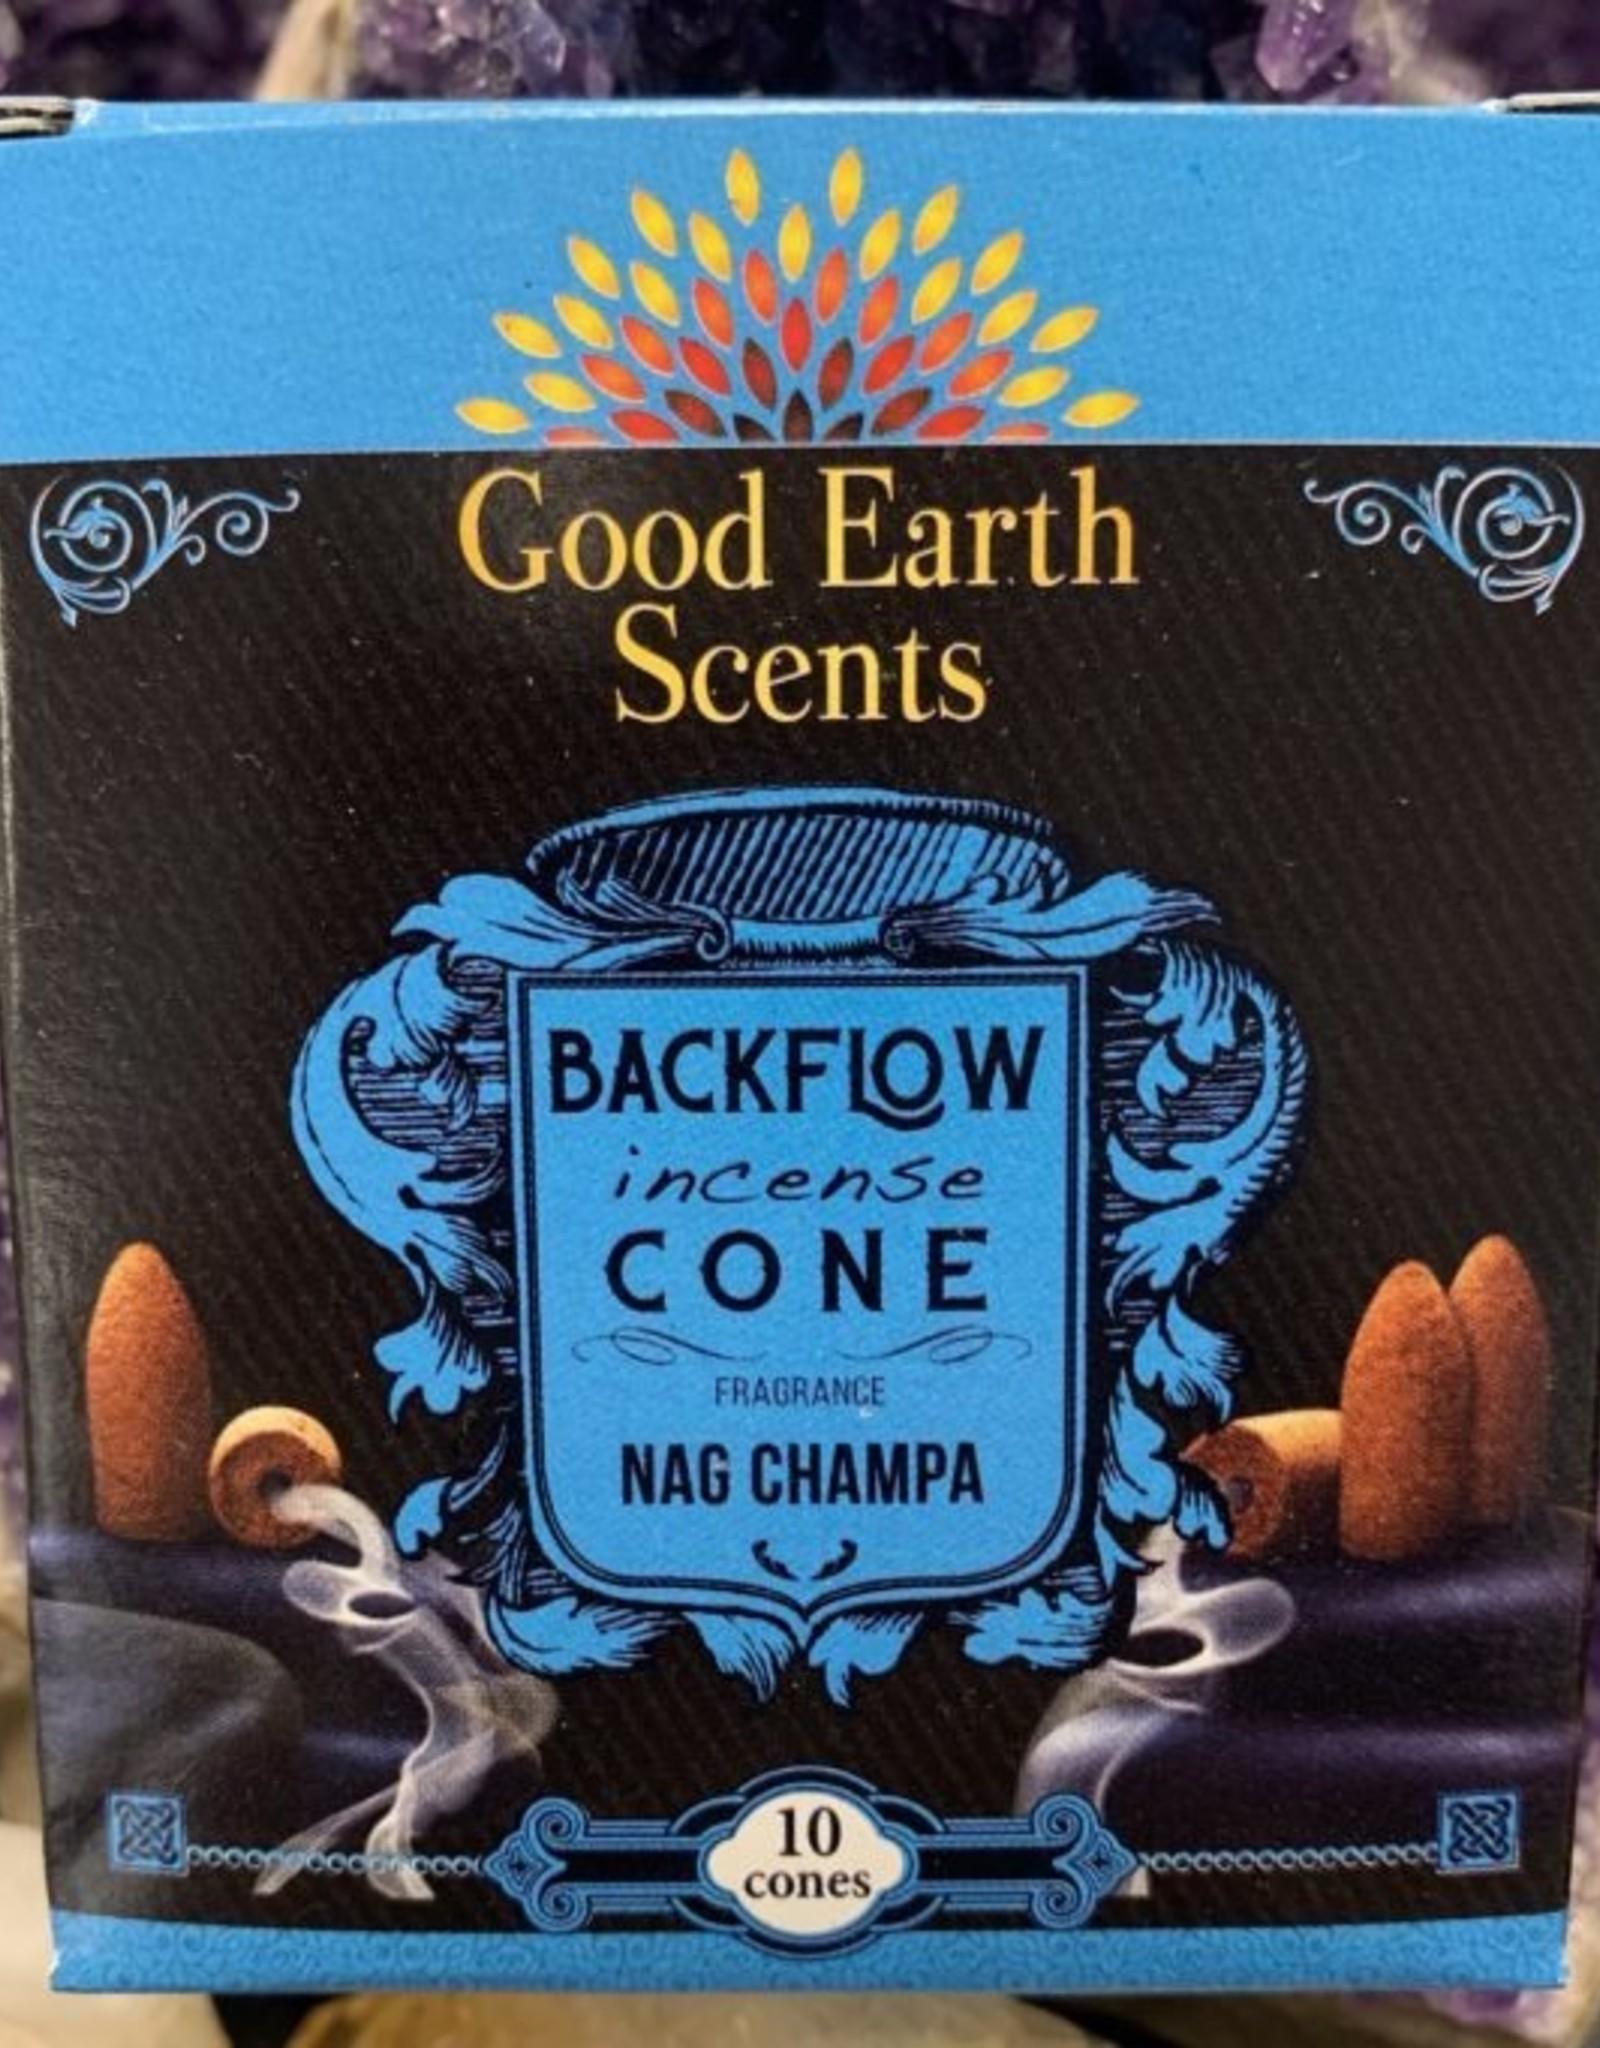 Incense Boxed Backflow Cones Nag Champa 12pk DK